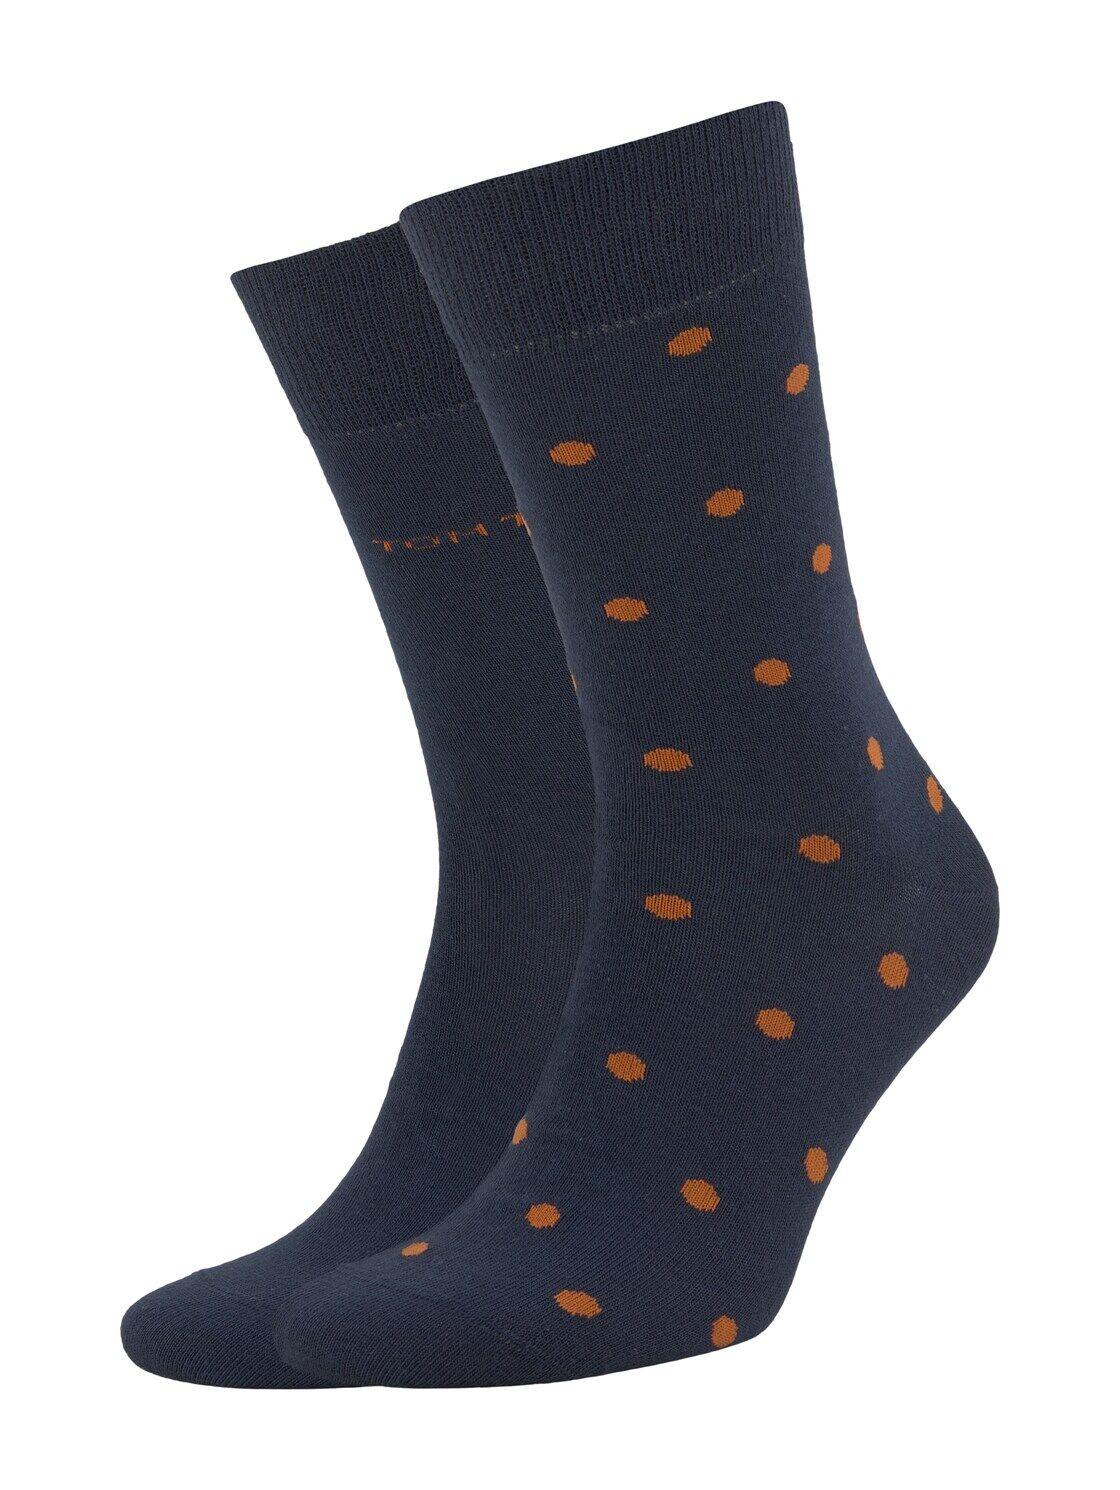 TOM TAILOR Herren Gepunktete Socken im Doppelpack, marine, Gr.43-46